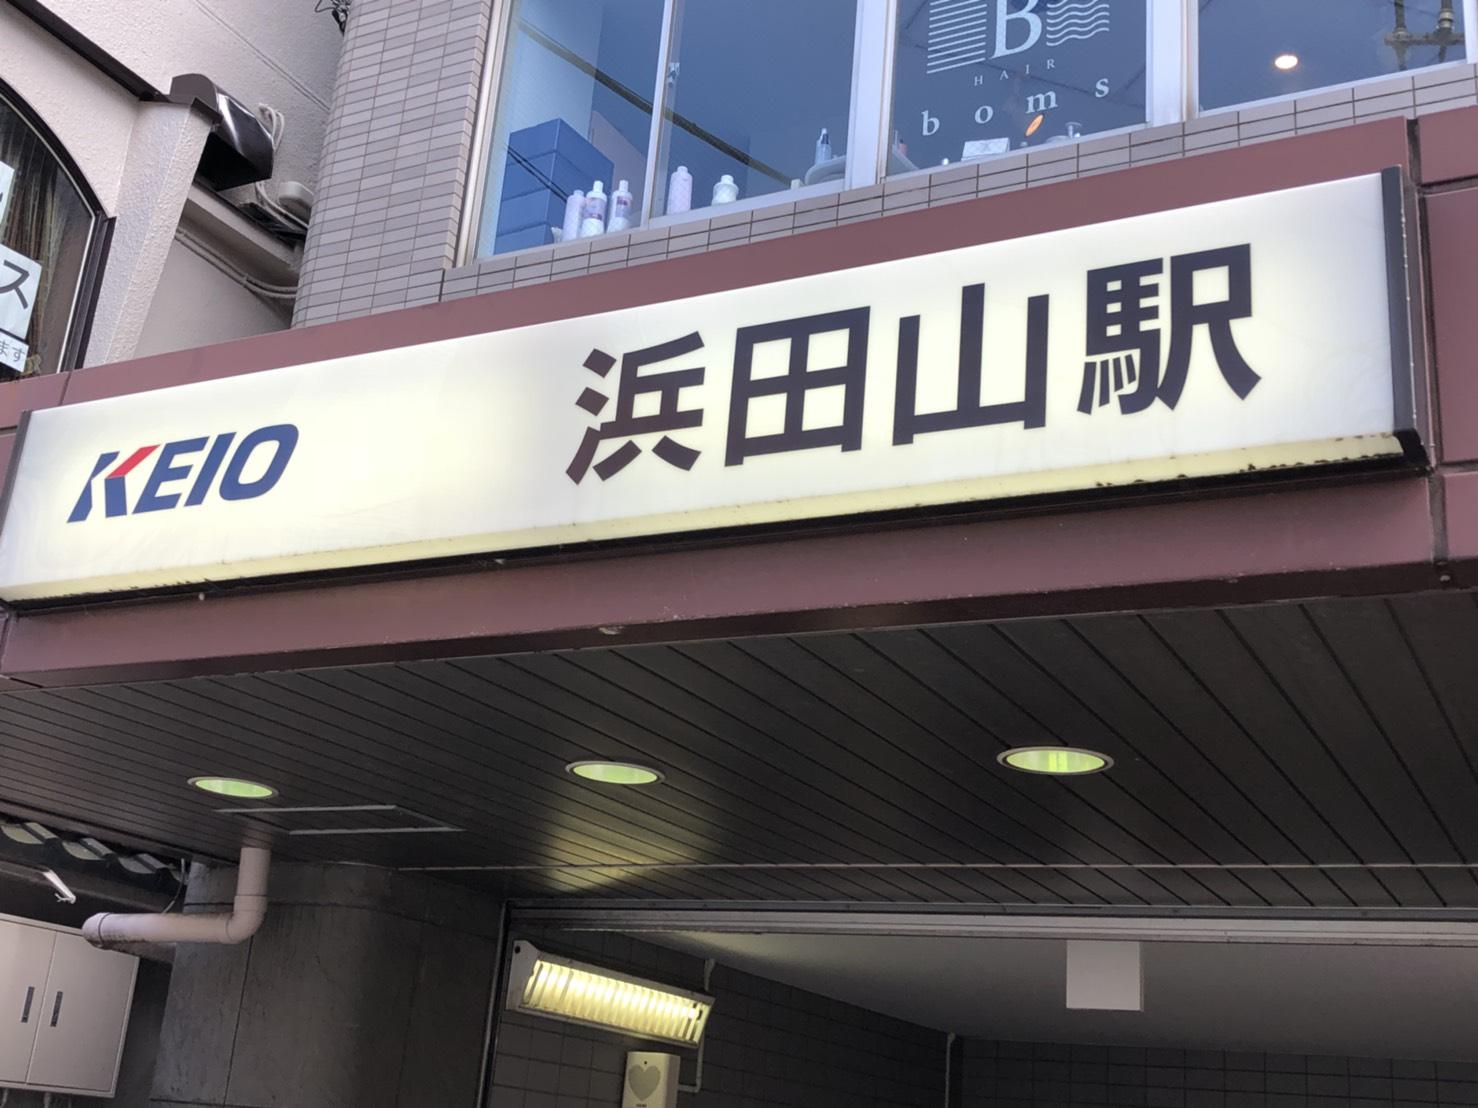 京王井の頭線 浜田山駅 ~日本一ポルシェが売れる街~